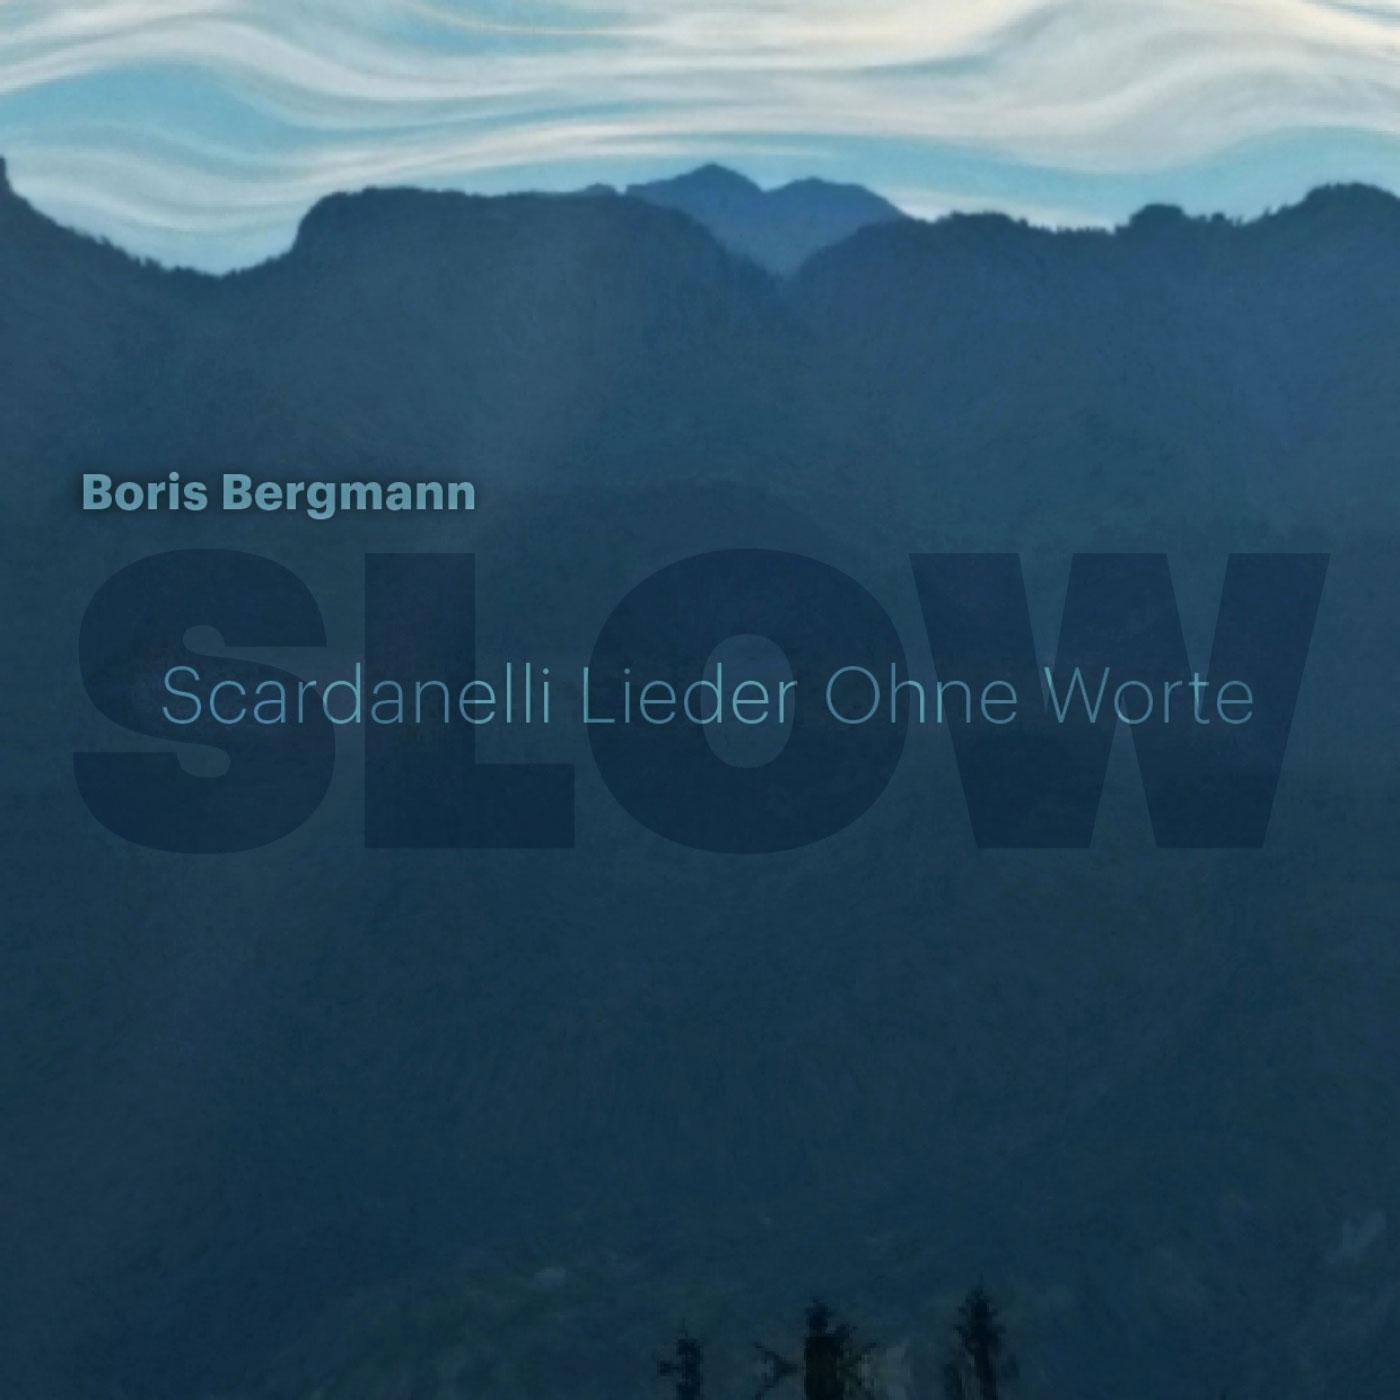 boris-bergmann-slow-album-cover